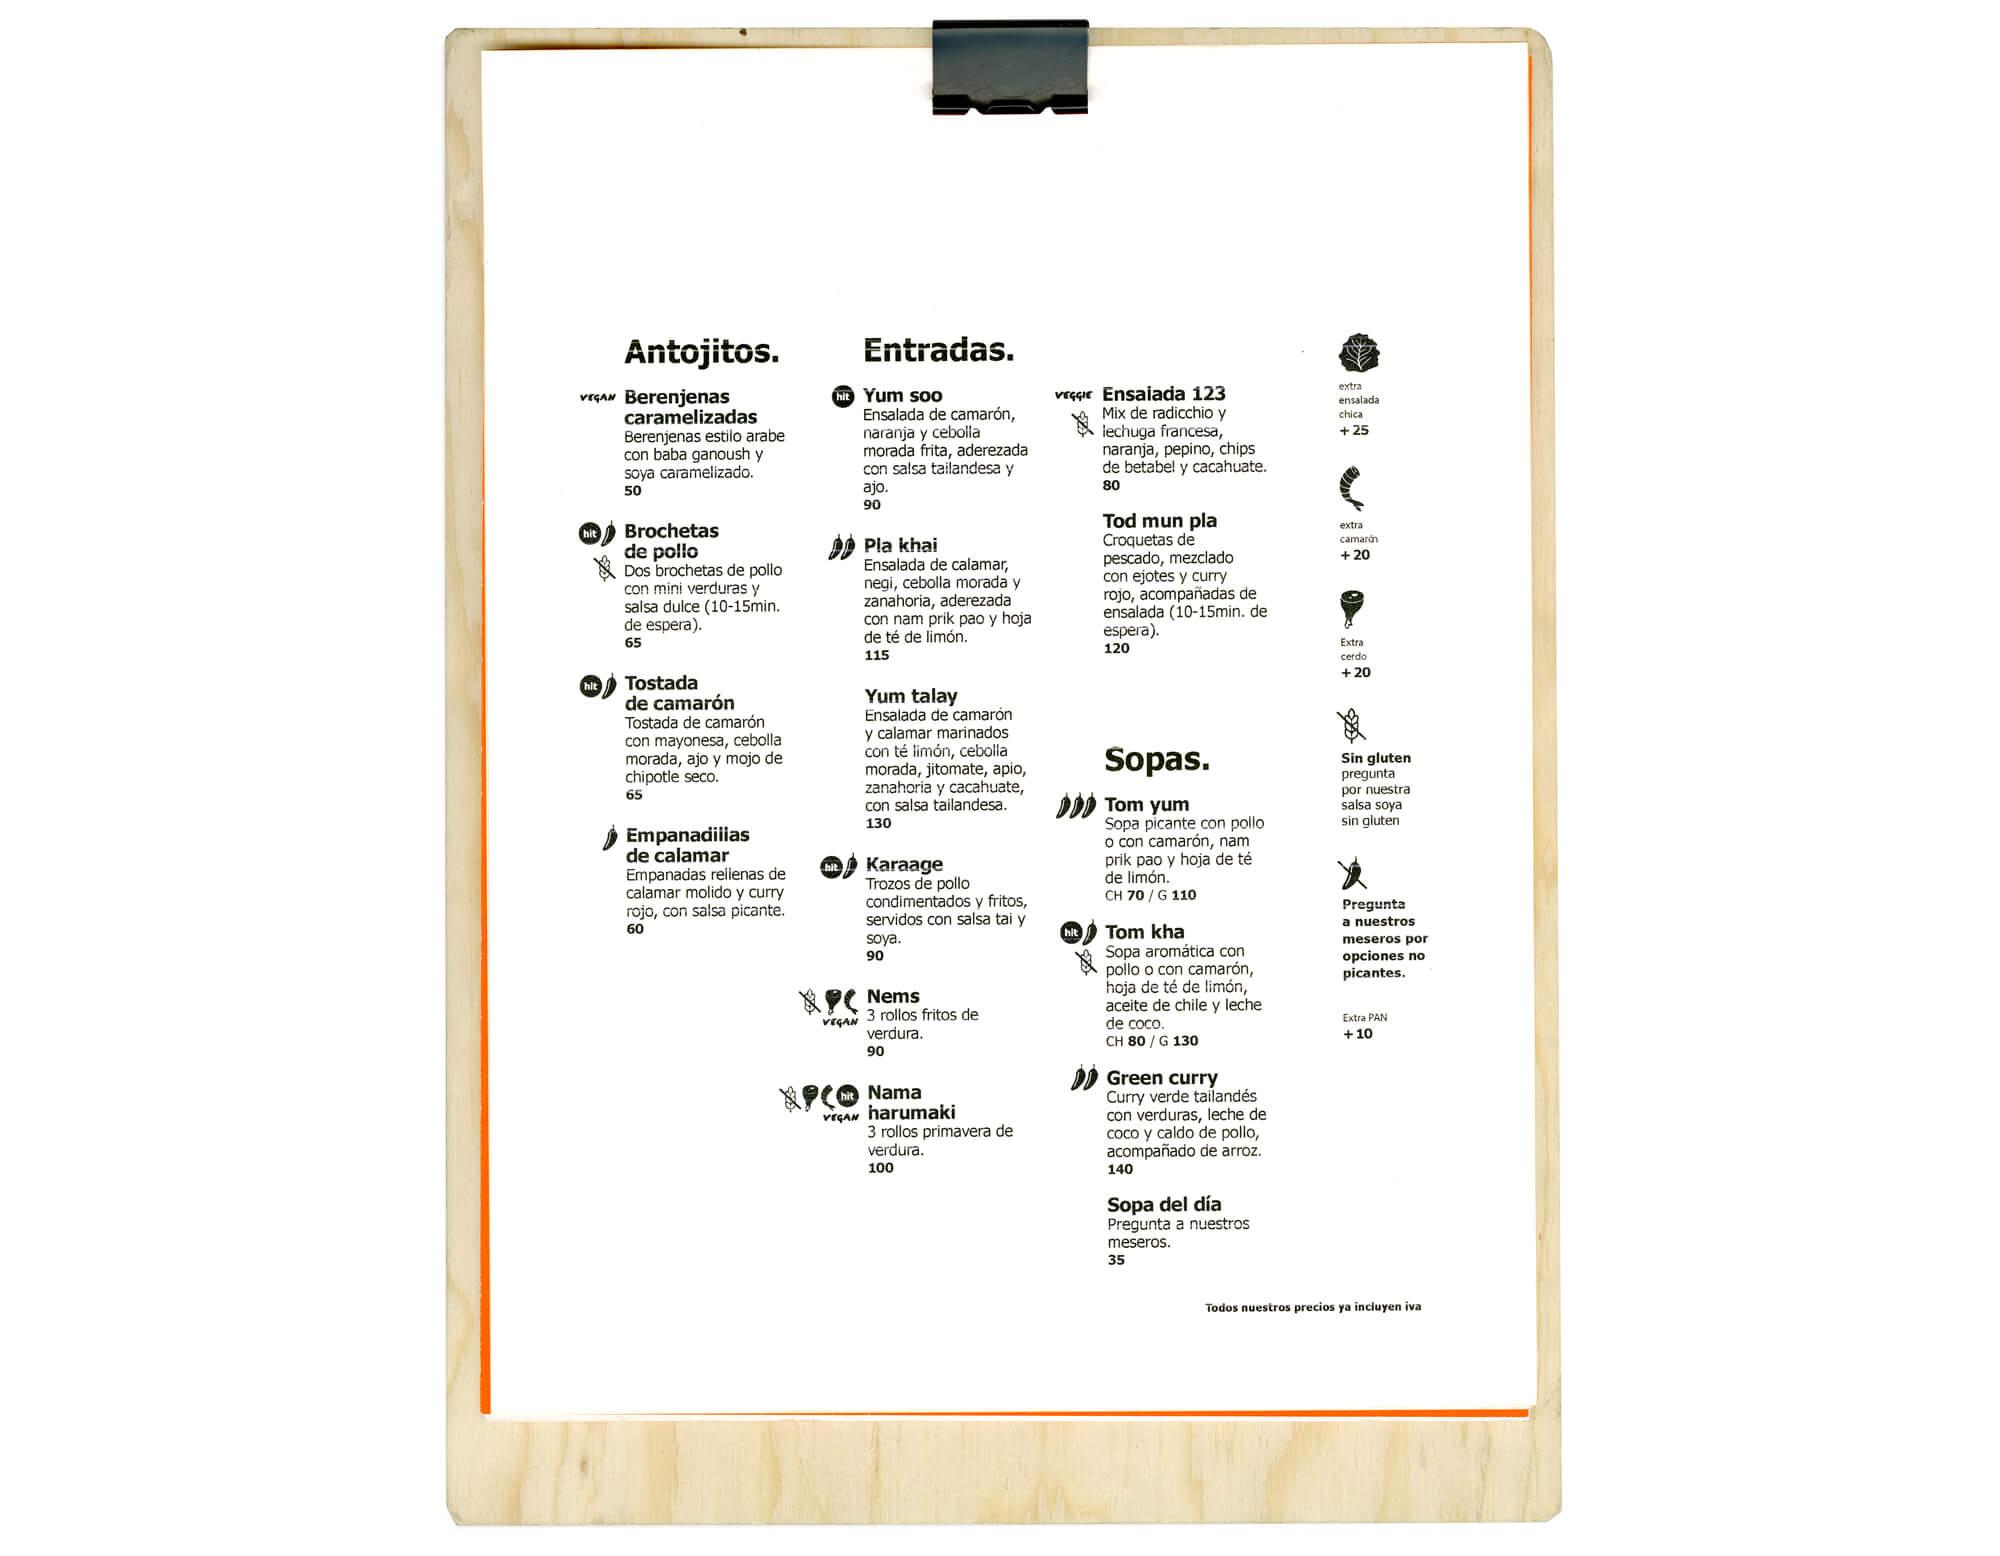 menu-articulo-123-ichetkar-2